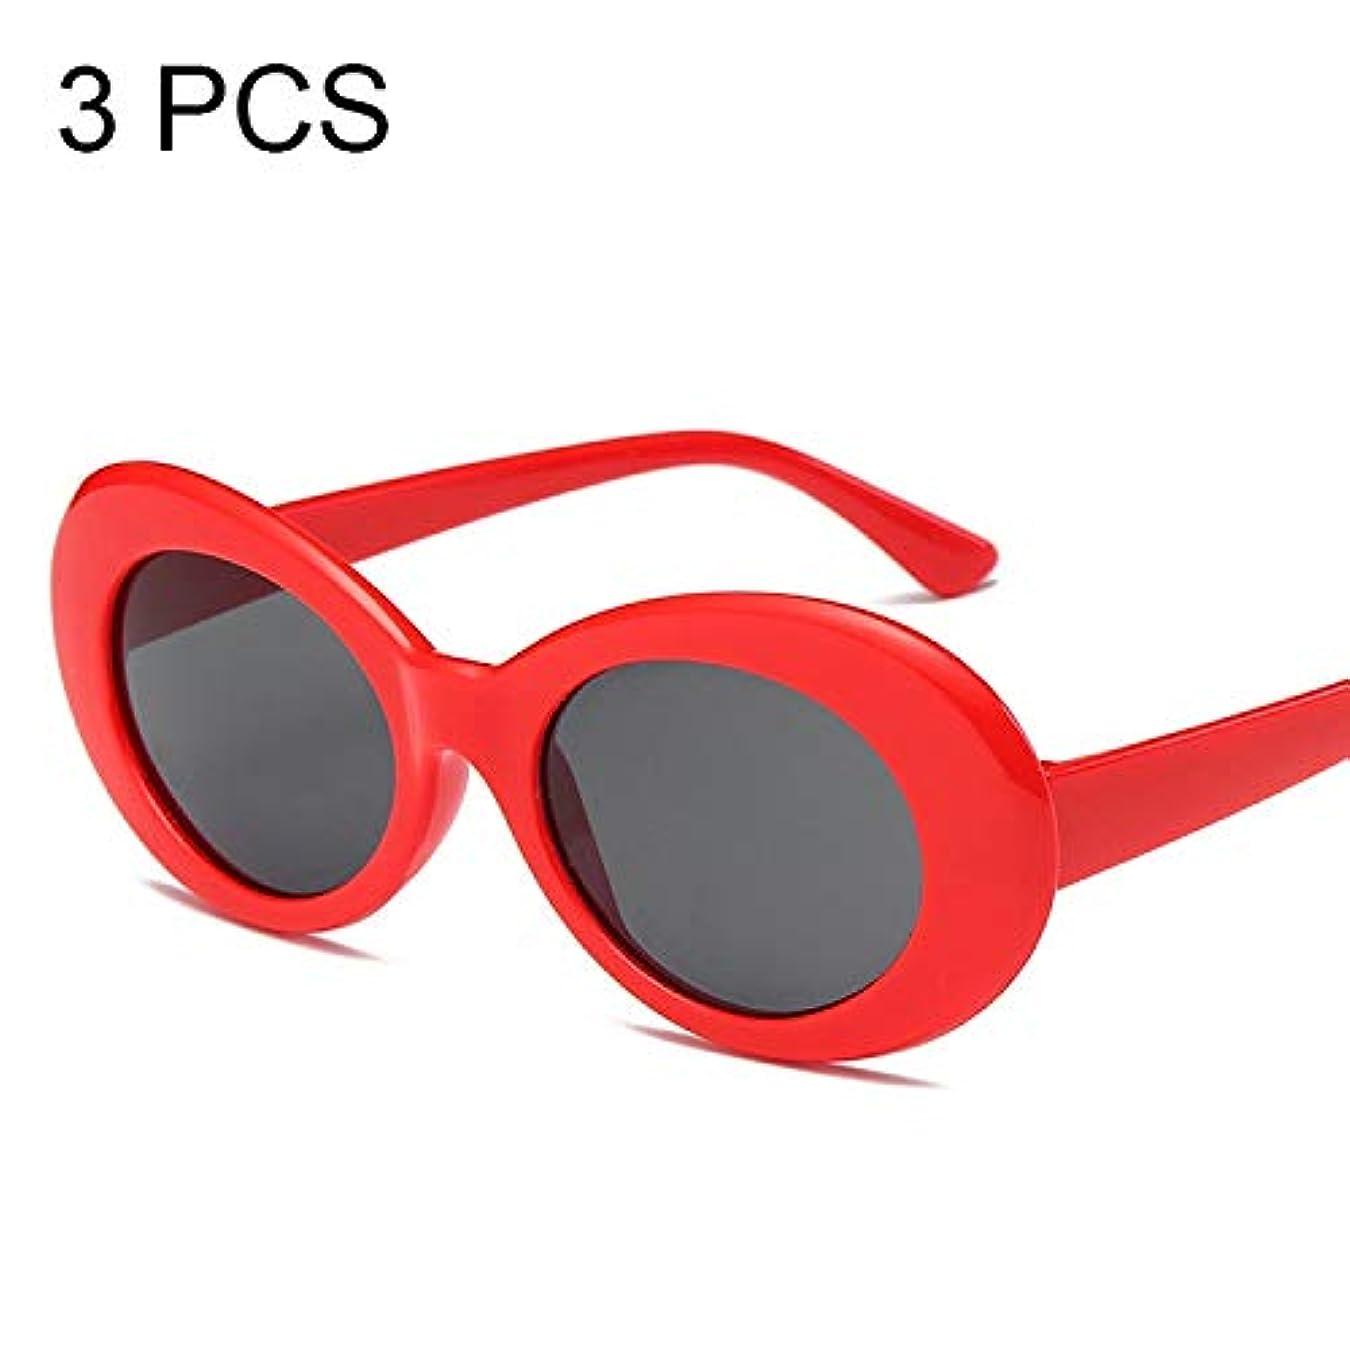 エンコミウム期待アルカトラズ島Diffomatealliance Glasses 女性用男性用3 PCSヴィンテージカラーレンズUV400サングラス、ランダムカラー